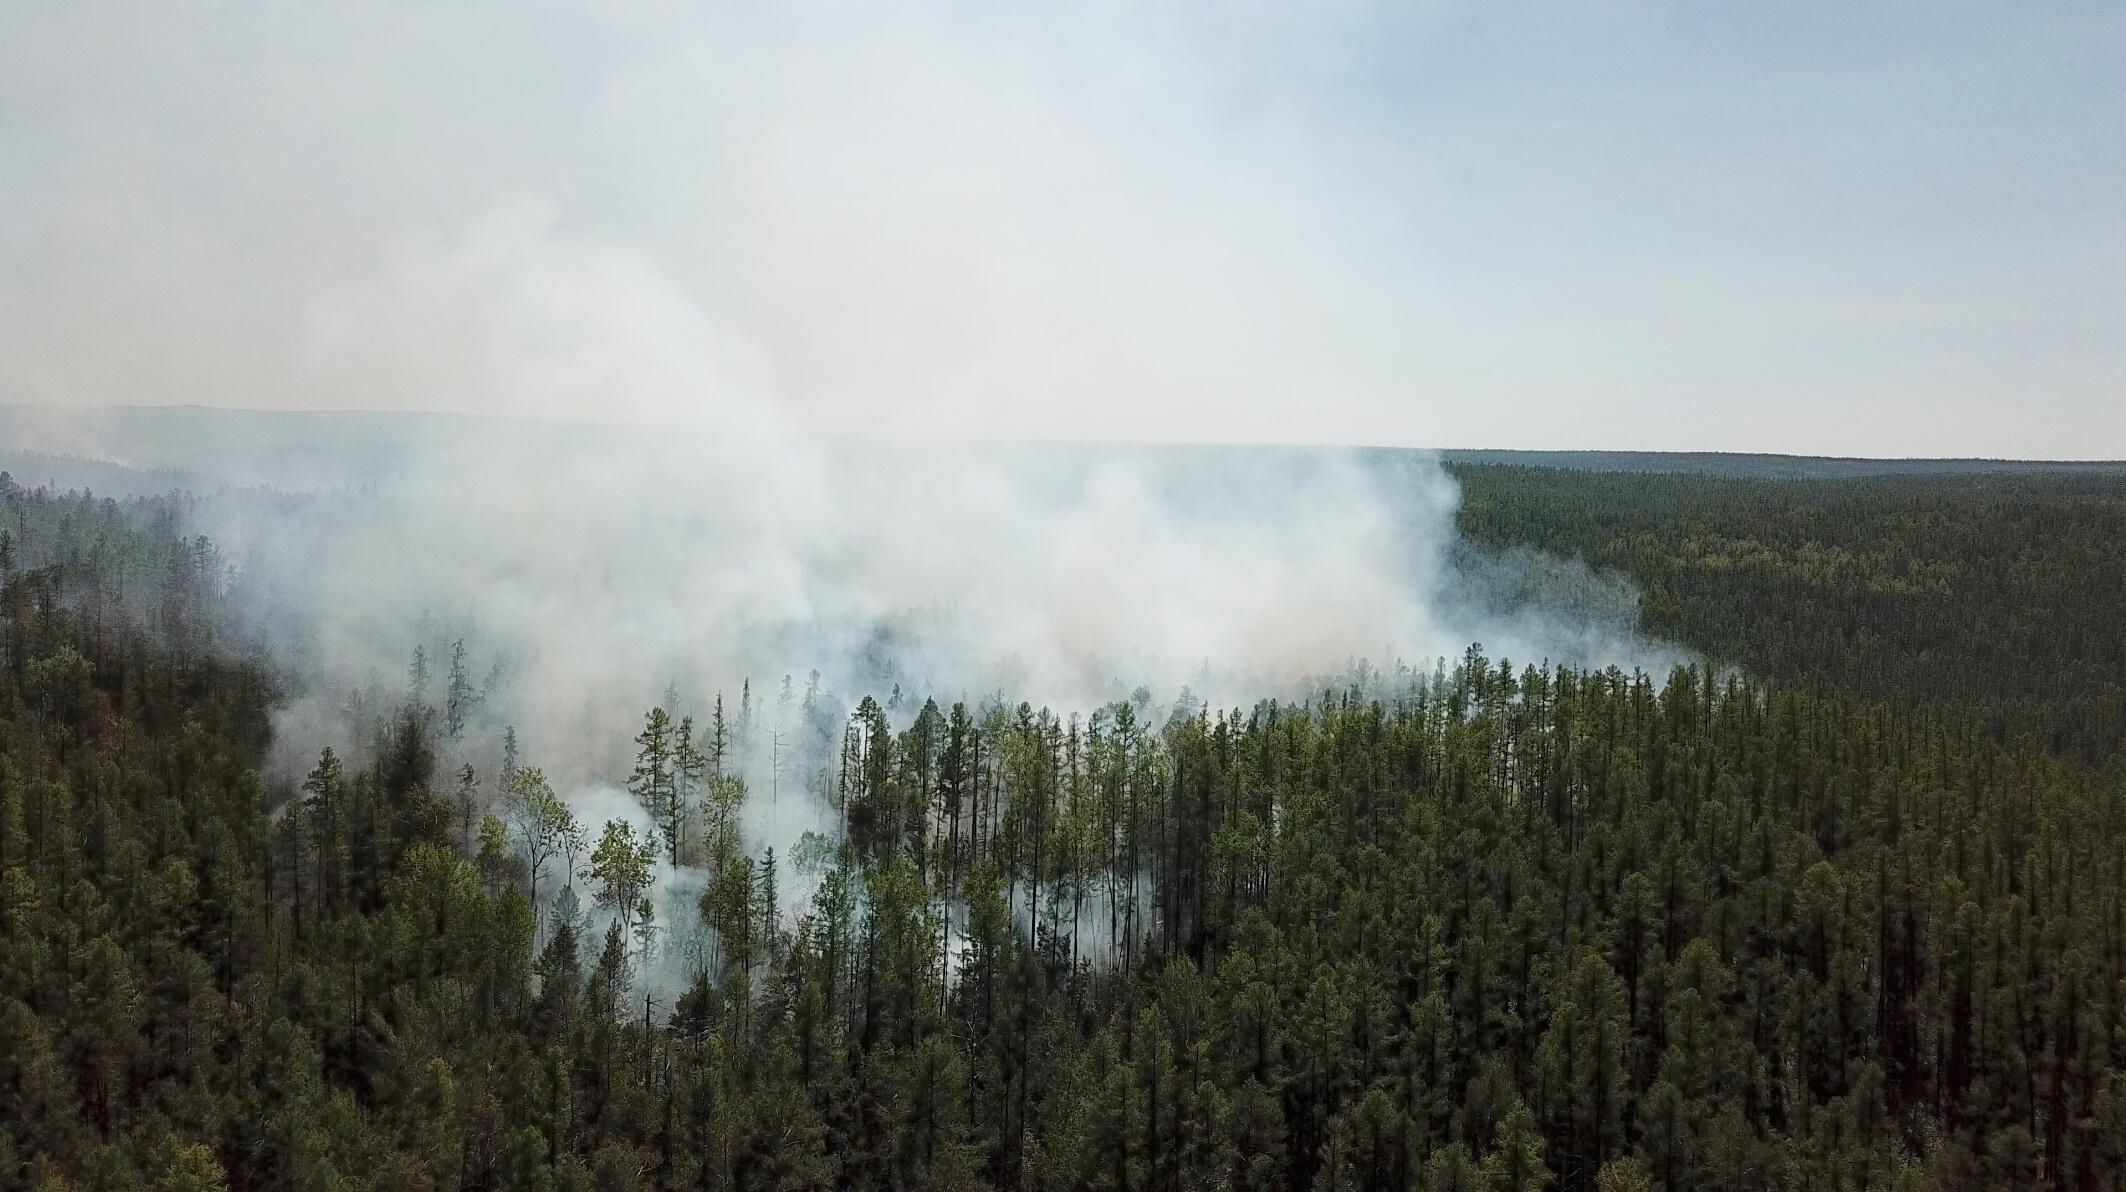 Vista aérea de los incendios en la región rusa de Krasnoyarsk el 10 de julio de 2020.